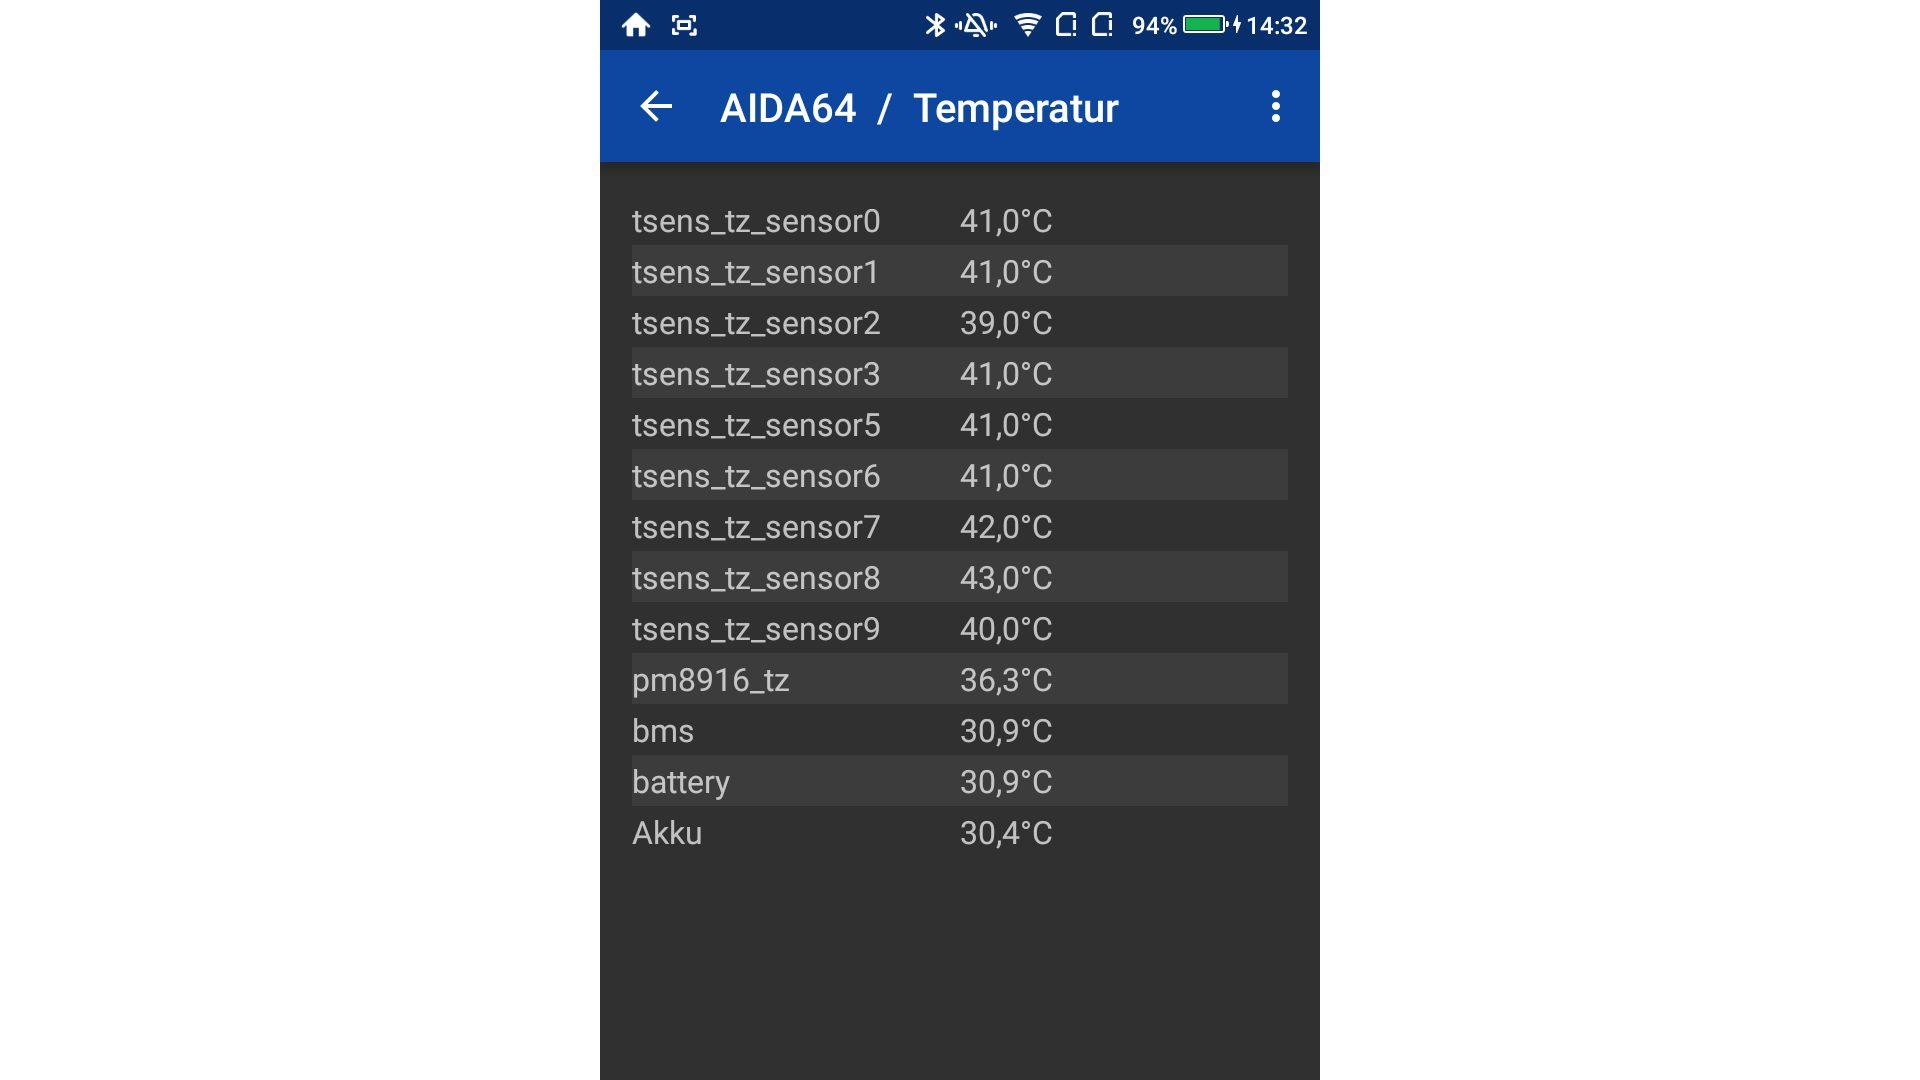 Coolpad-Torino-AIDA64-Temperatur